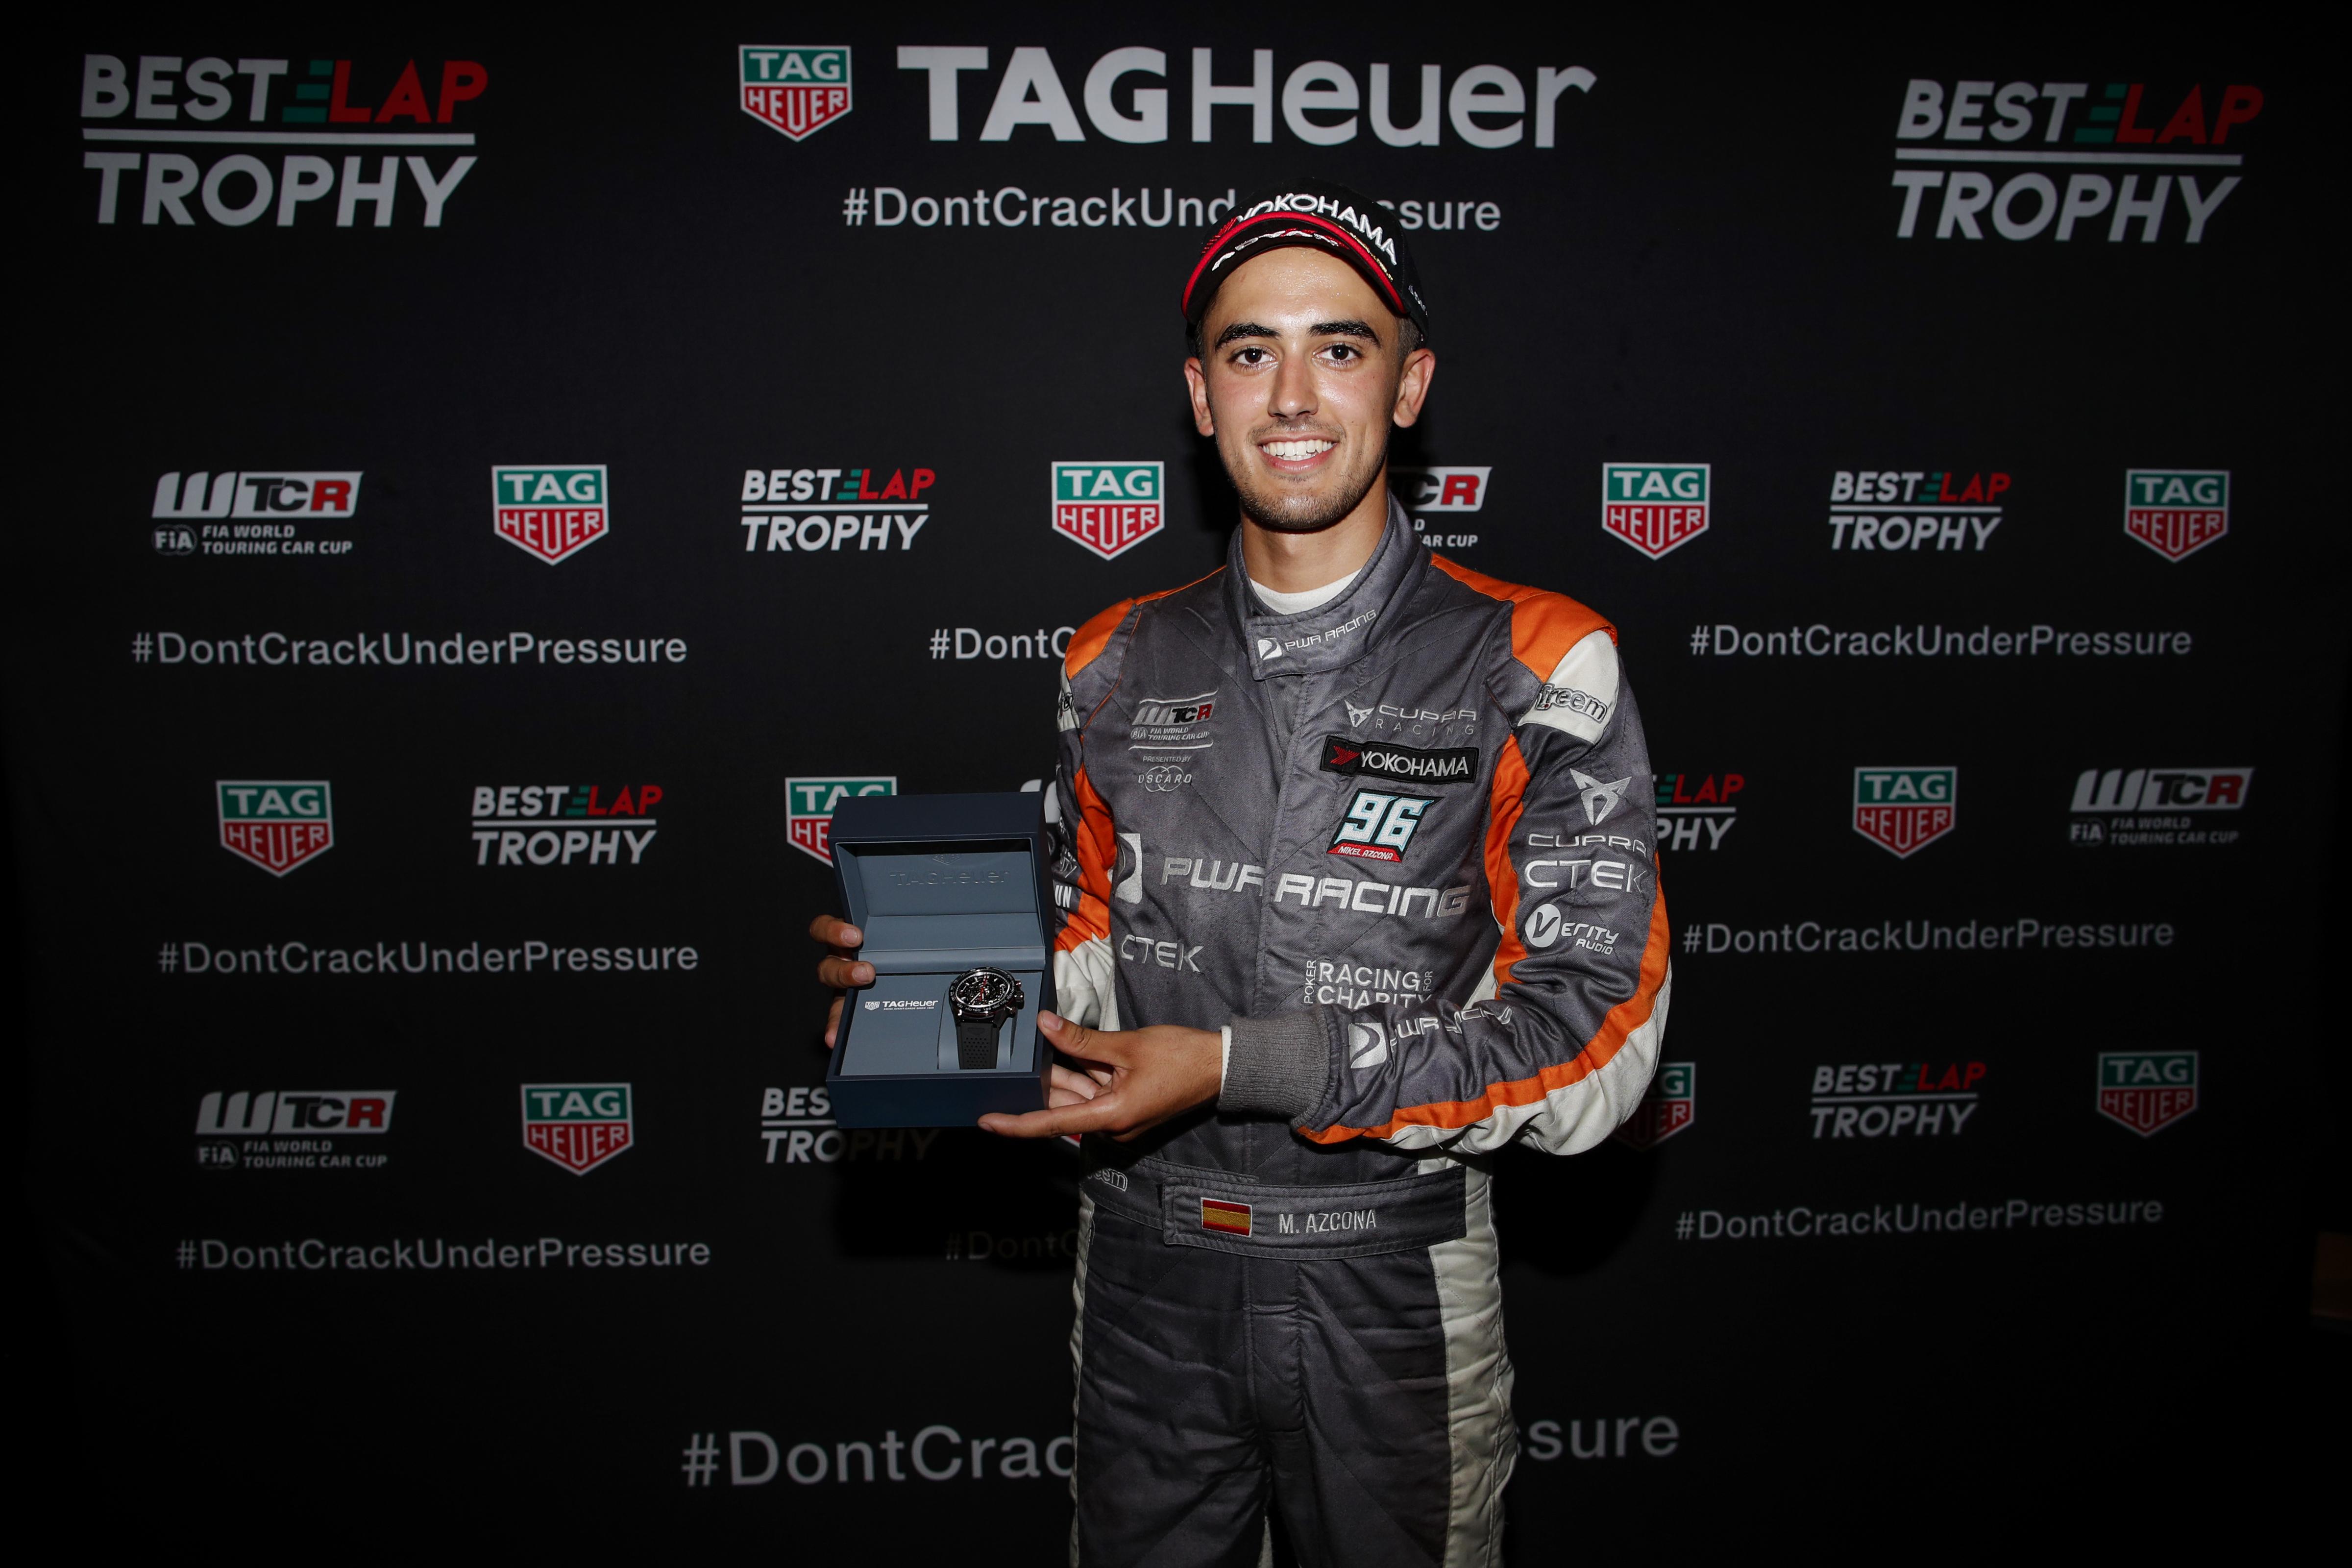 WTCRレース・オブ・ポルトガルのタグホイヤー・ベストラップトロフィーはアスコナが獲得